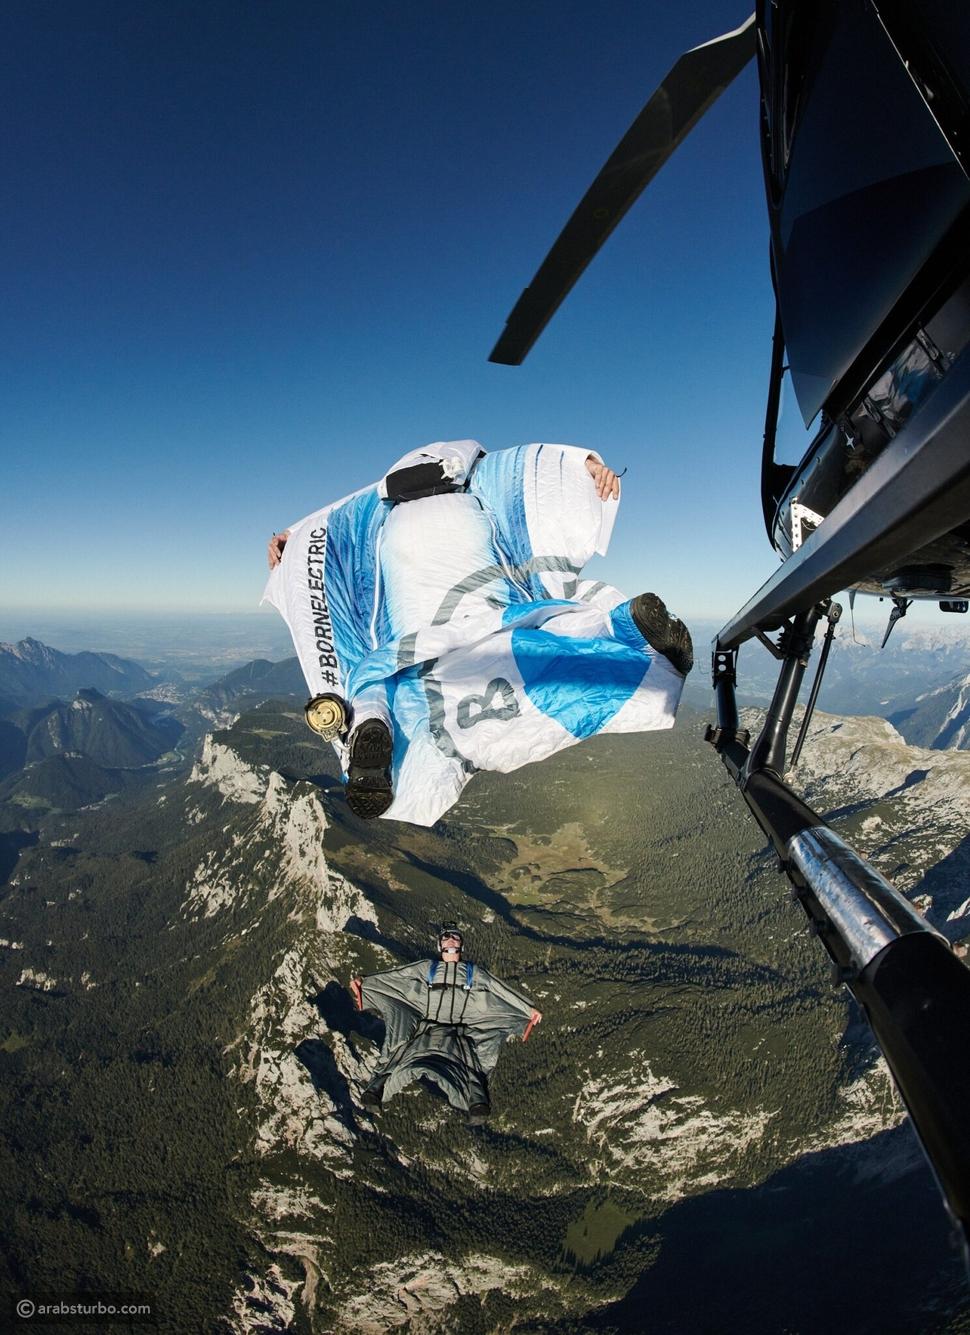 بدلة طائرة من بي إم دبليو تحلق بسرعة هائلة